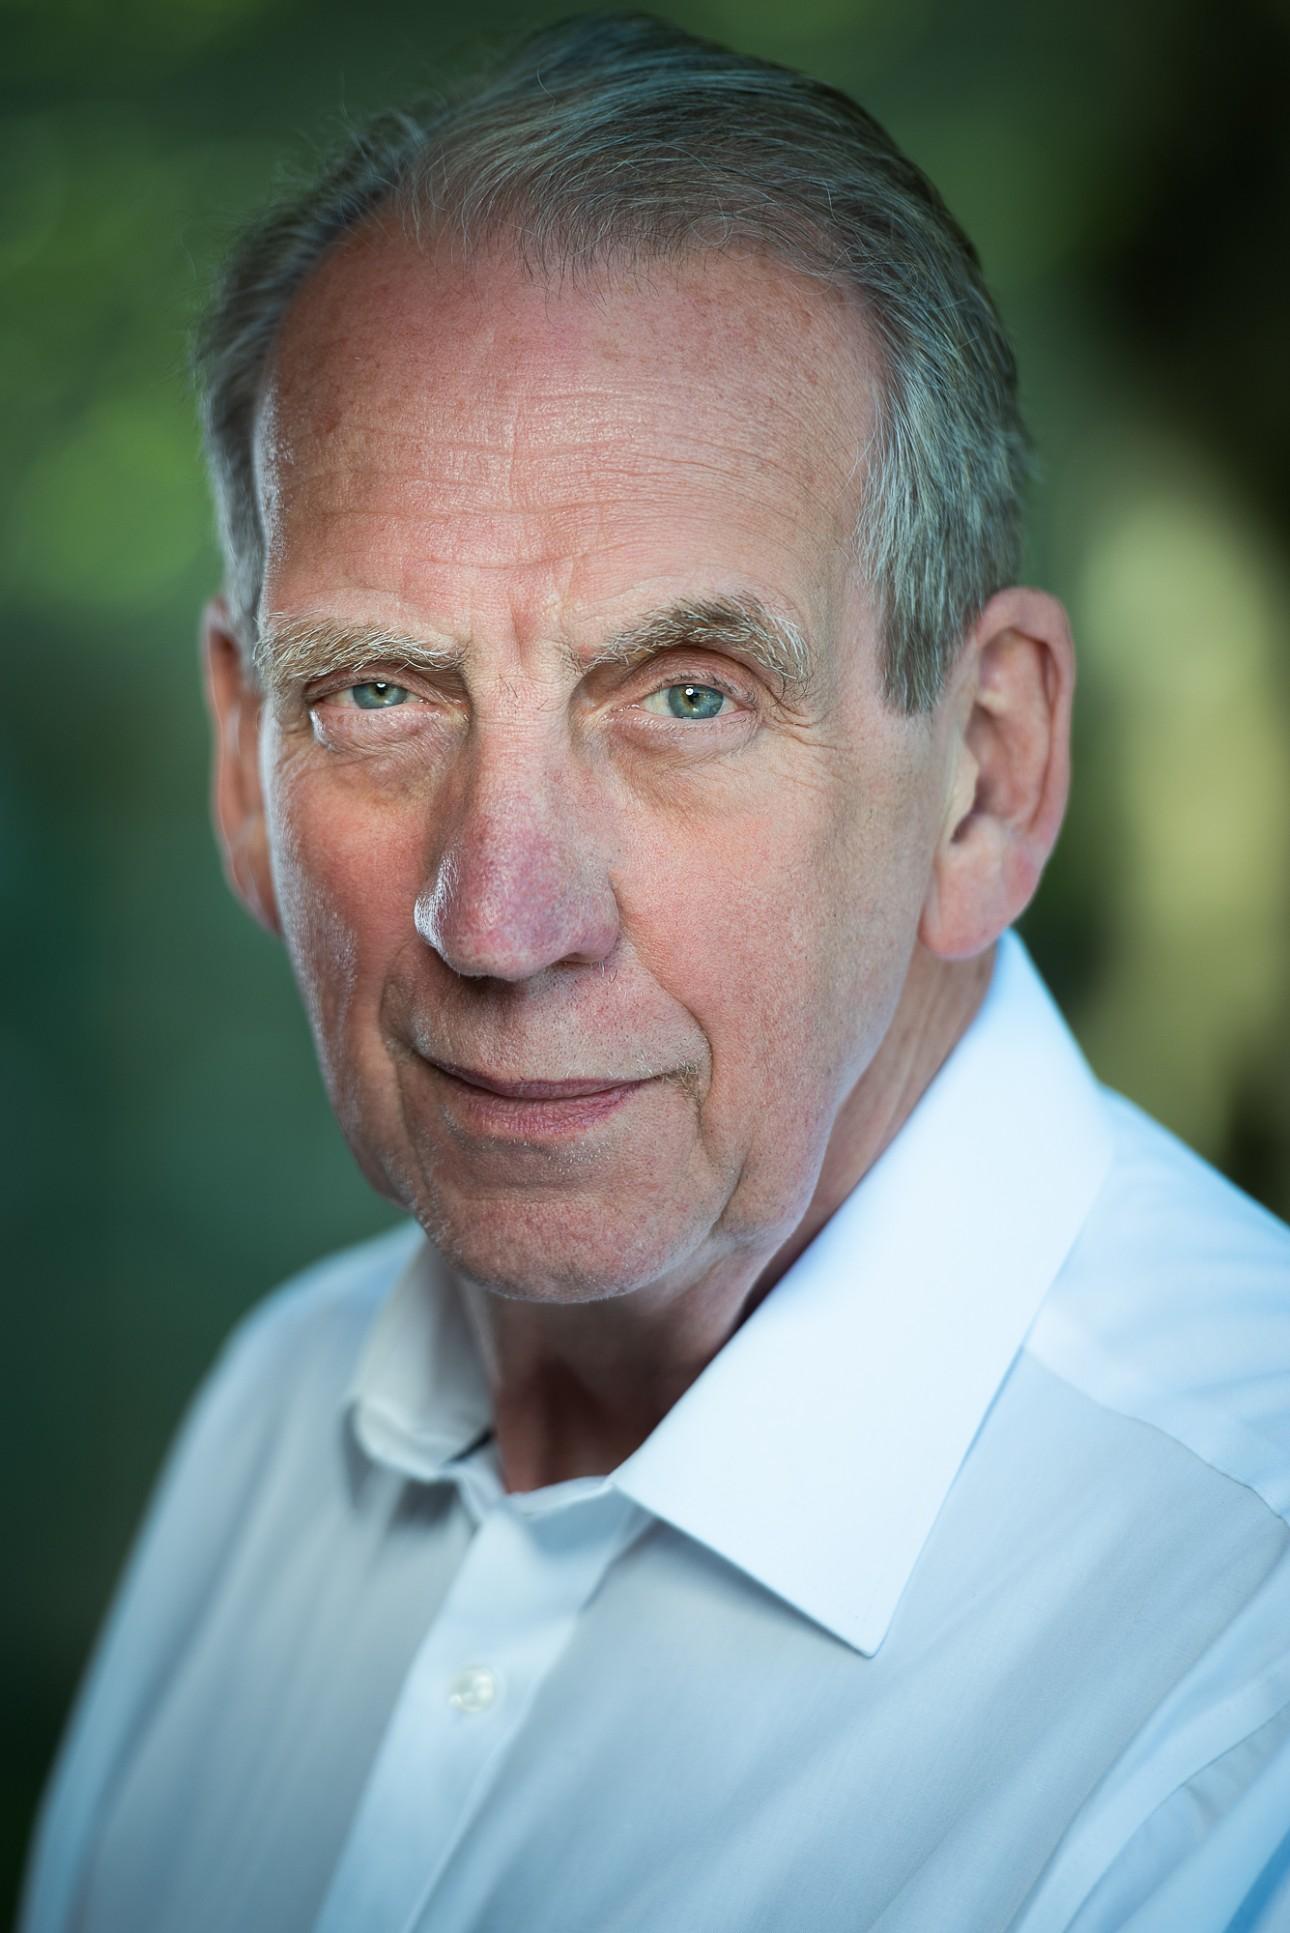 Male Actors David